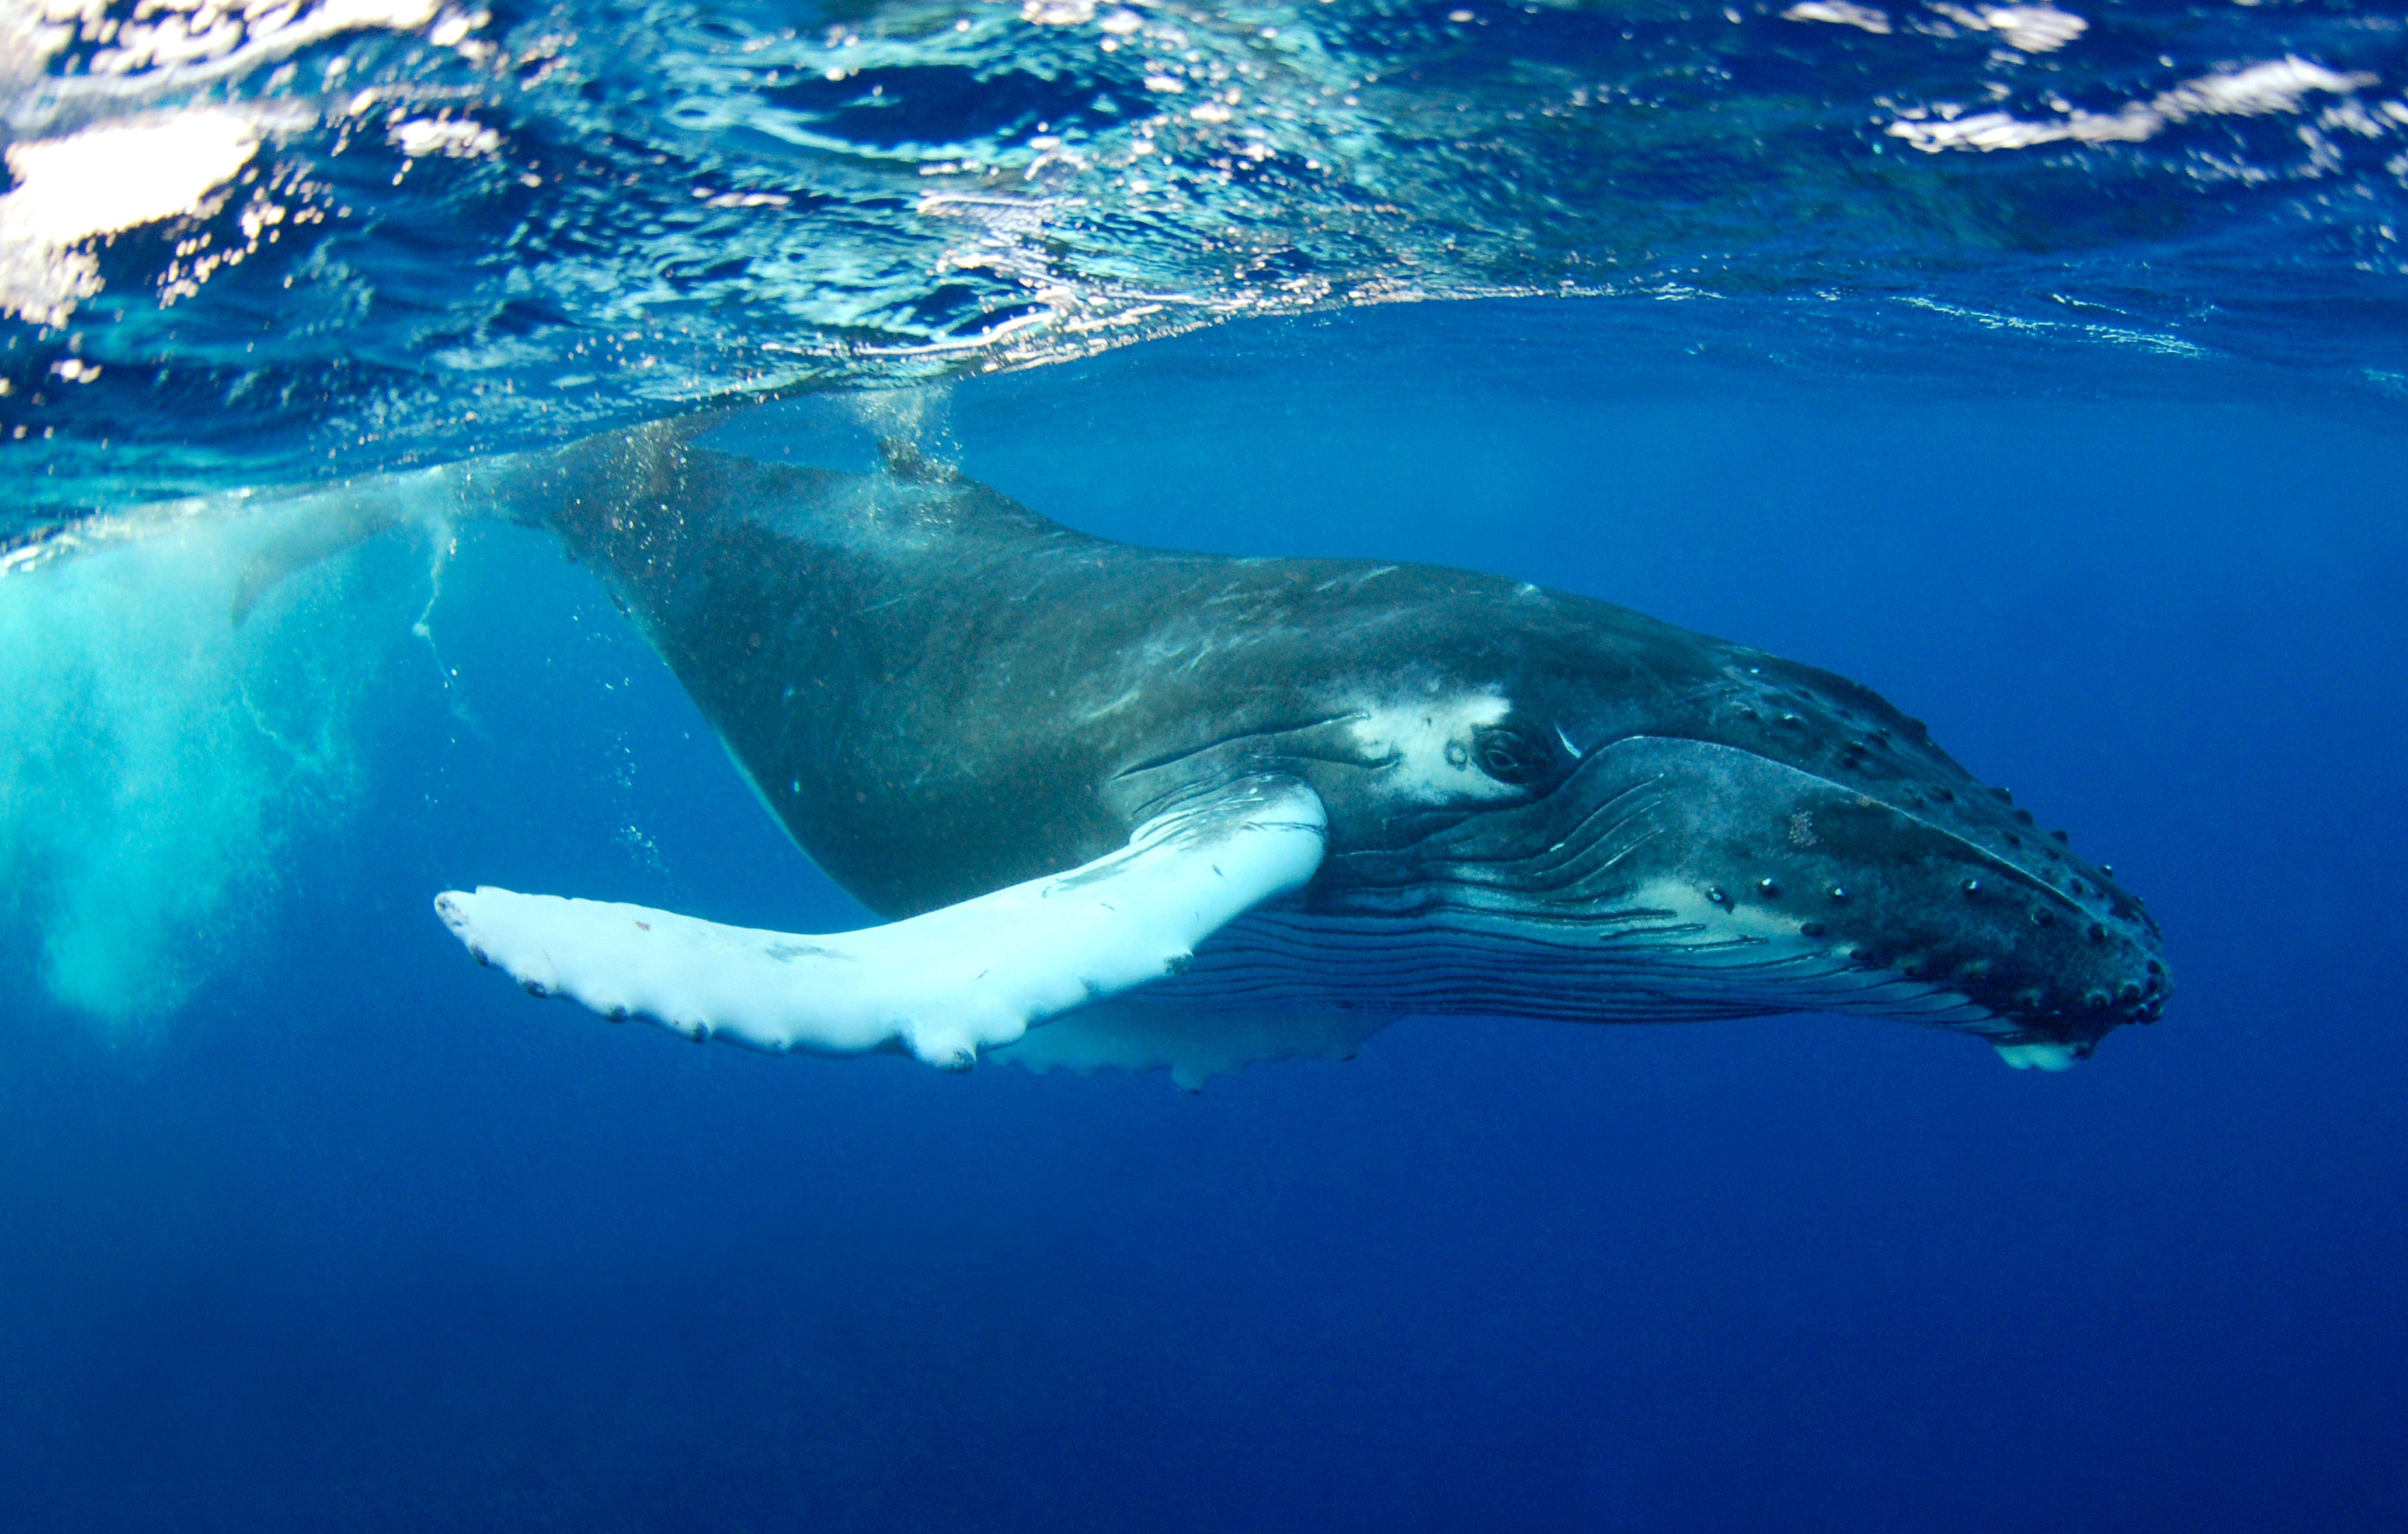 scădere în greutate a balenelor cu cocoașă Pierdere în greutate de 47 de ani